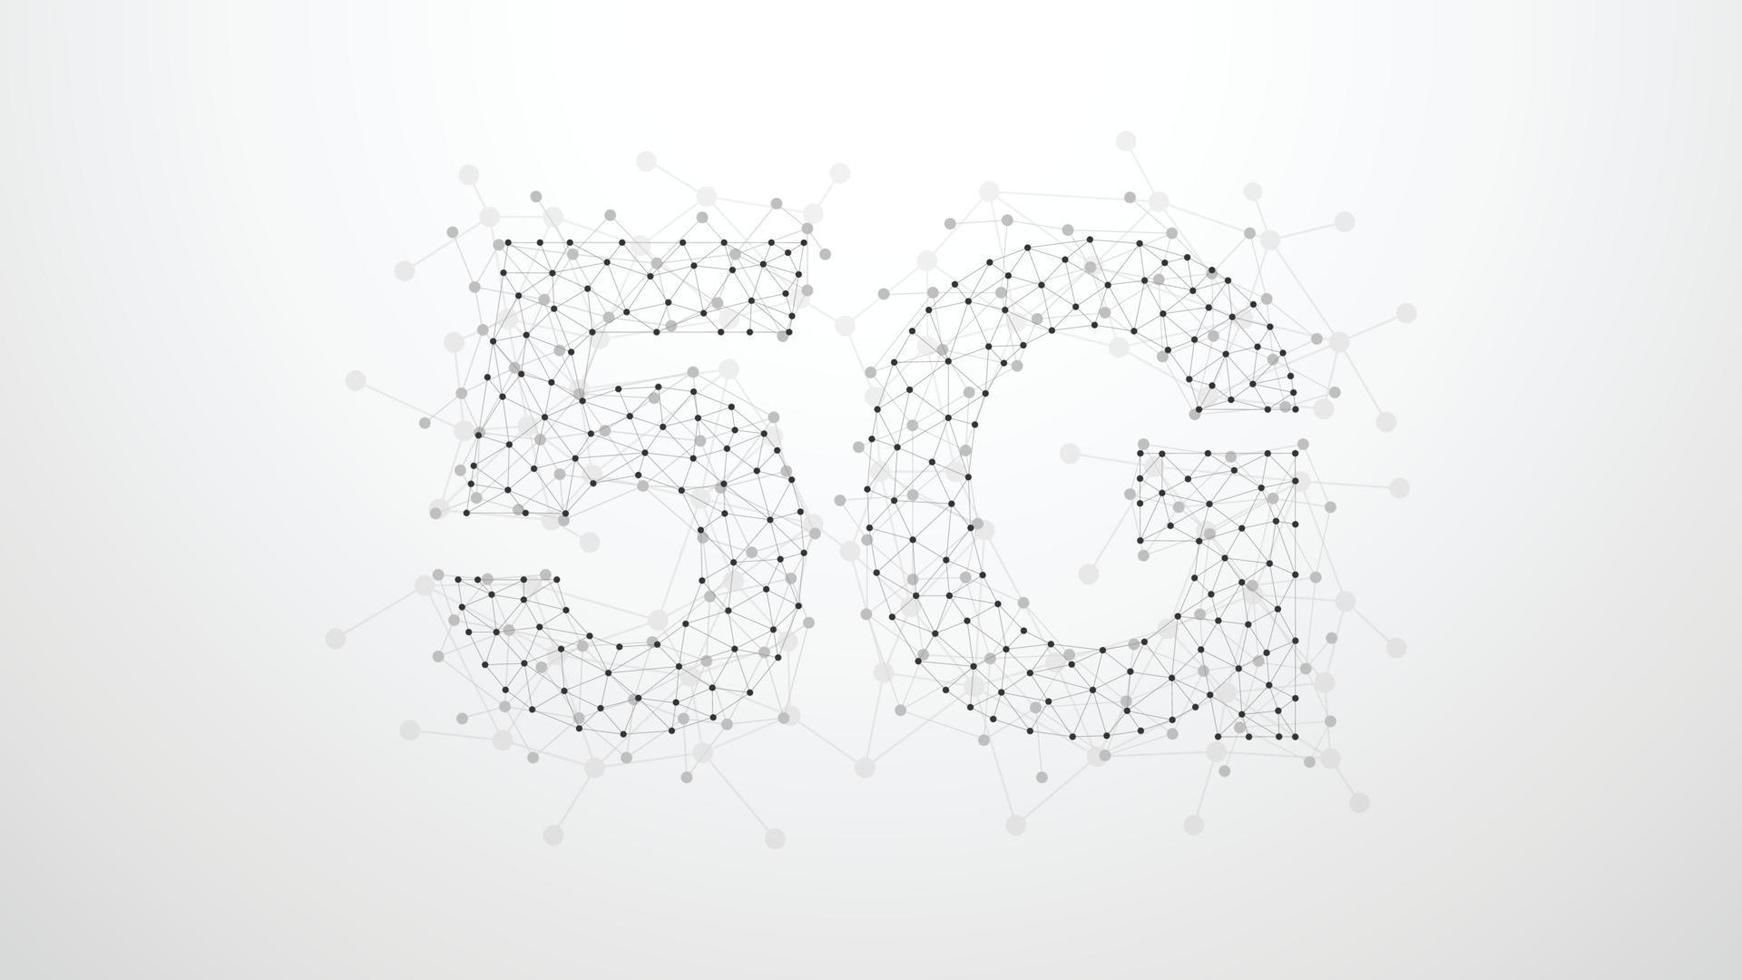 Réseau de points de plexus abstrait 5g. concept de technologie d'entreprise. forme sur fond gris. illustration vectorielle vecteur